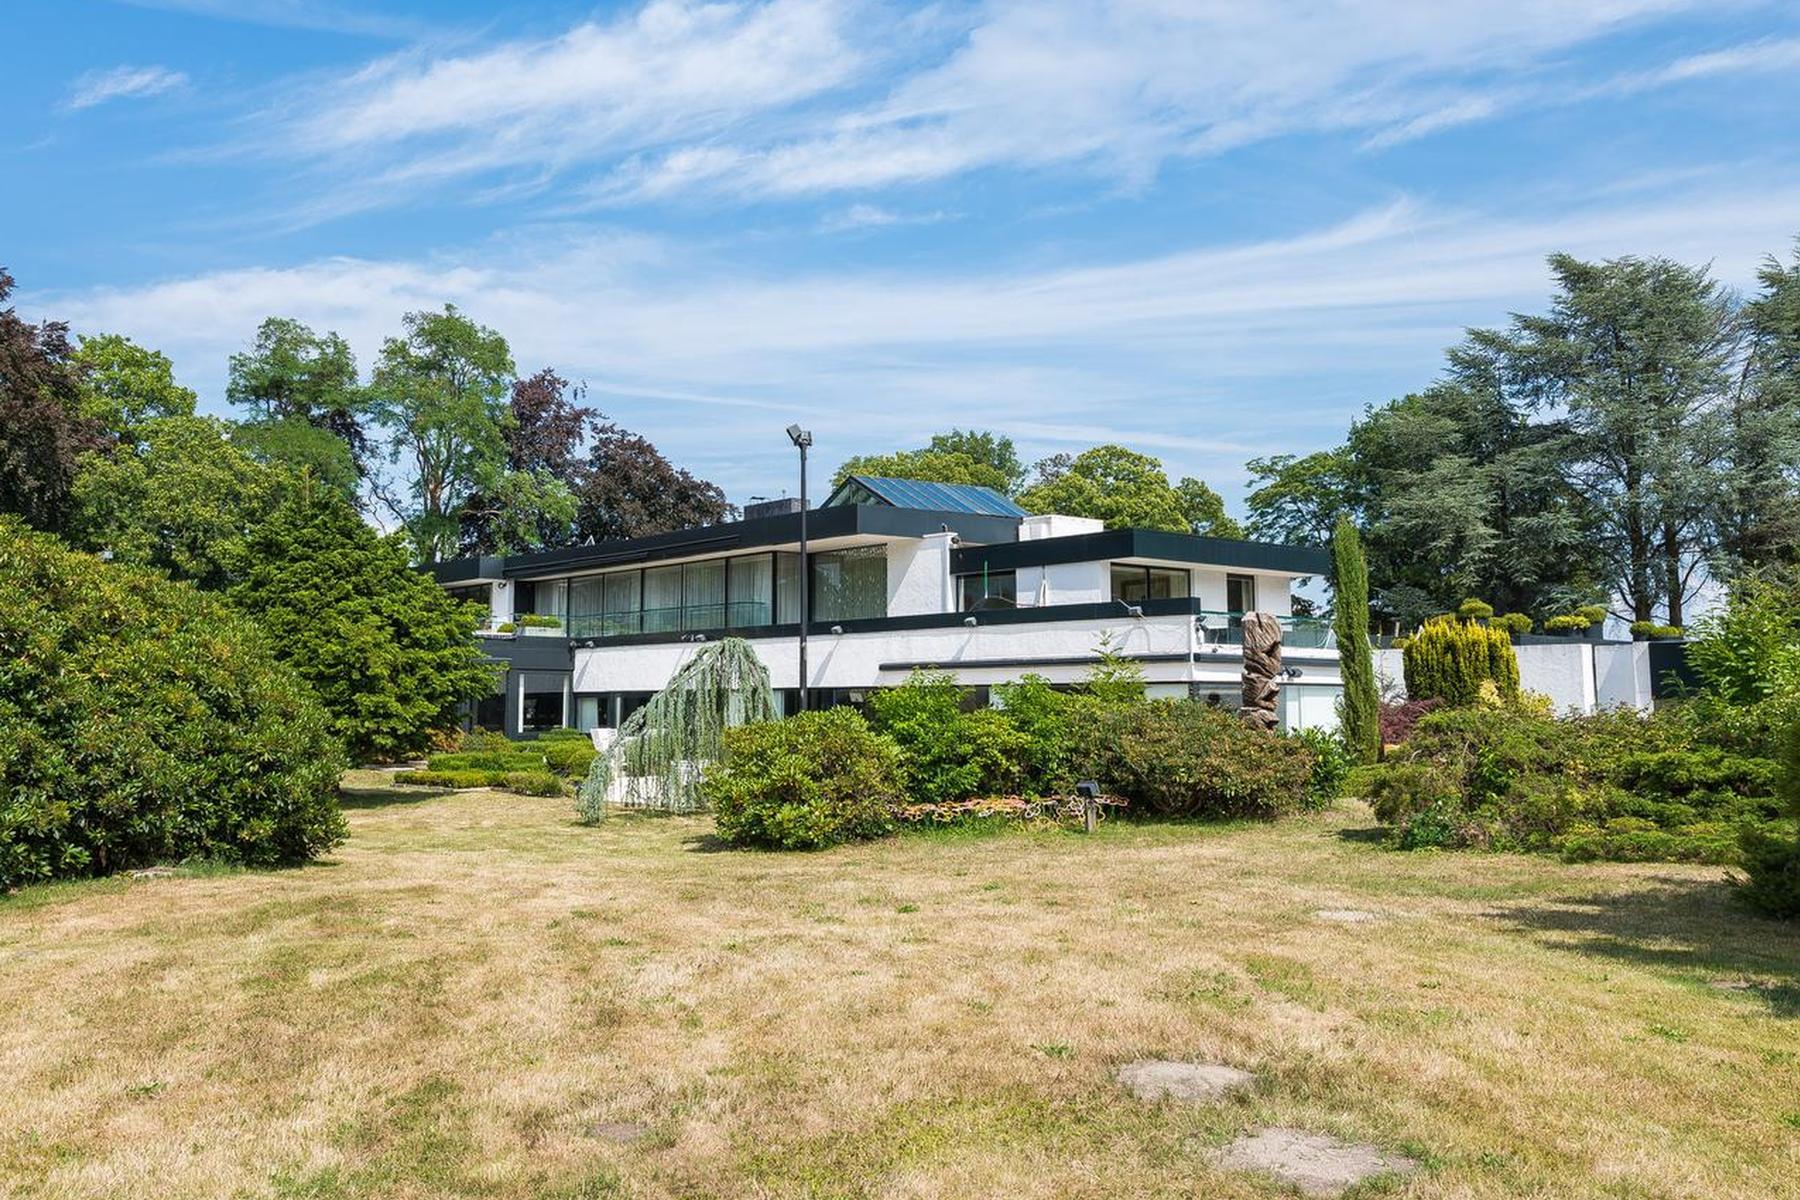 Другая жилая недвижимость для того Продажа на Wavre I Golf de la Bawette Wavre, Waloon Brabant, 1300 Бельгия